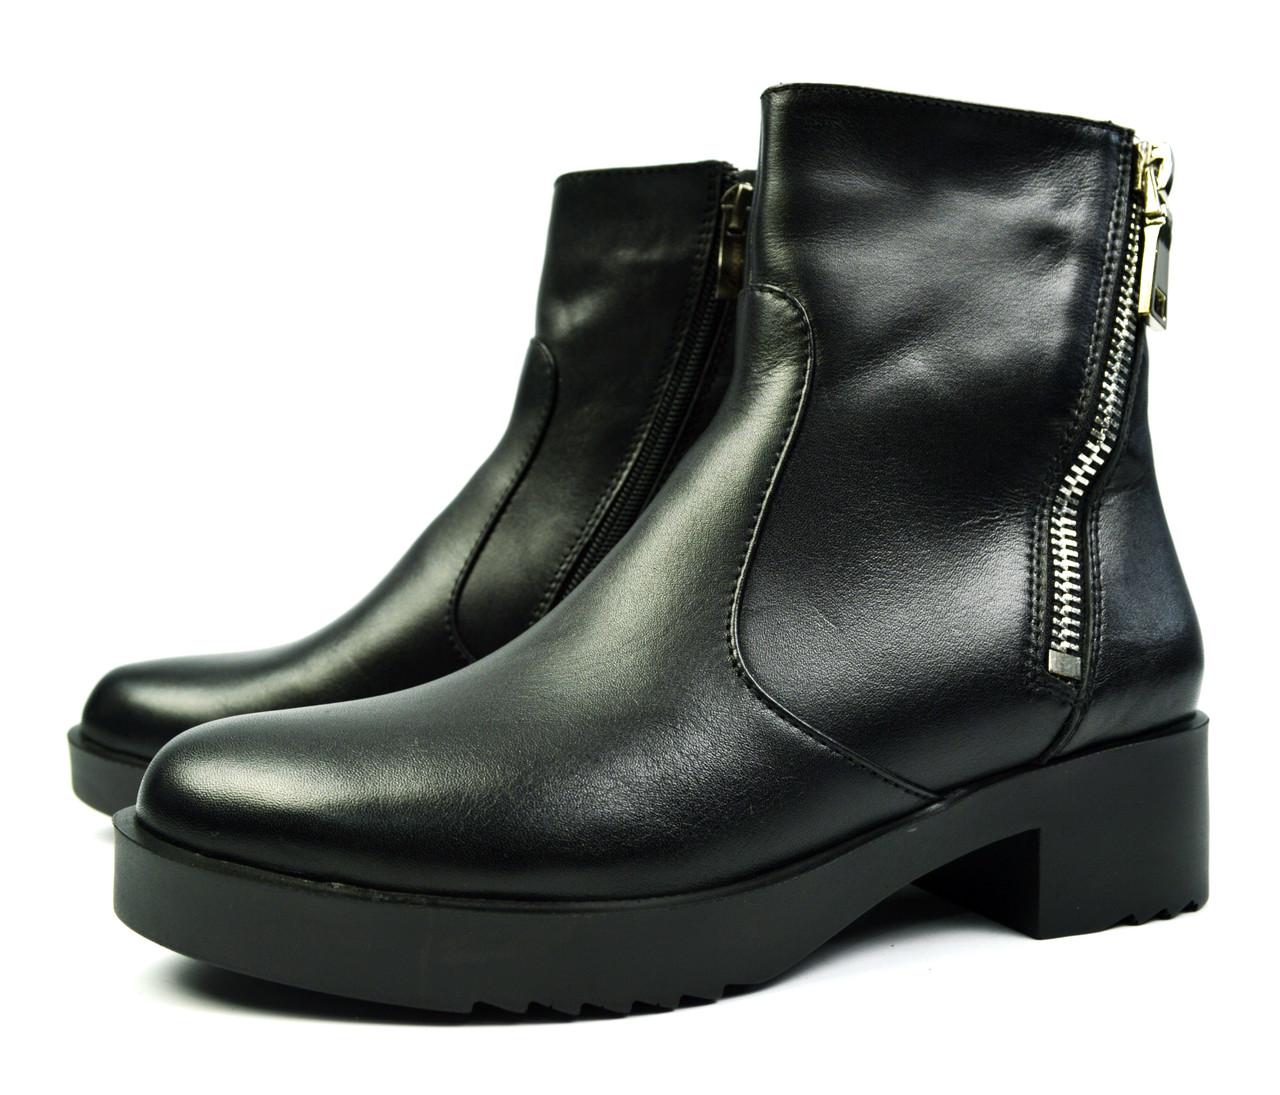 65ff82515c7f Черные зимние женские кожаные ботинки Luxart на меху ( овчина ...